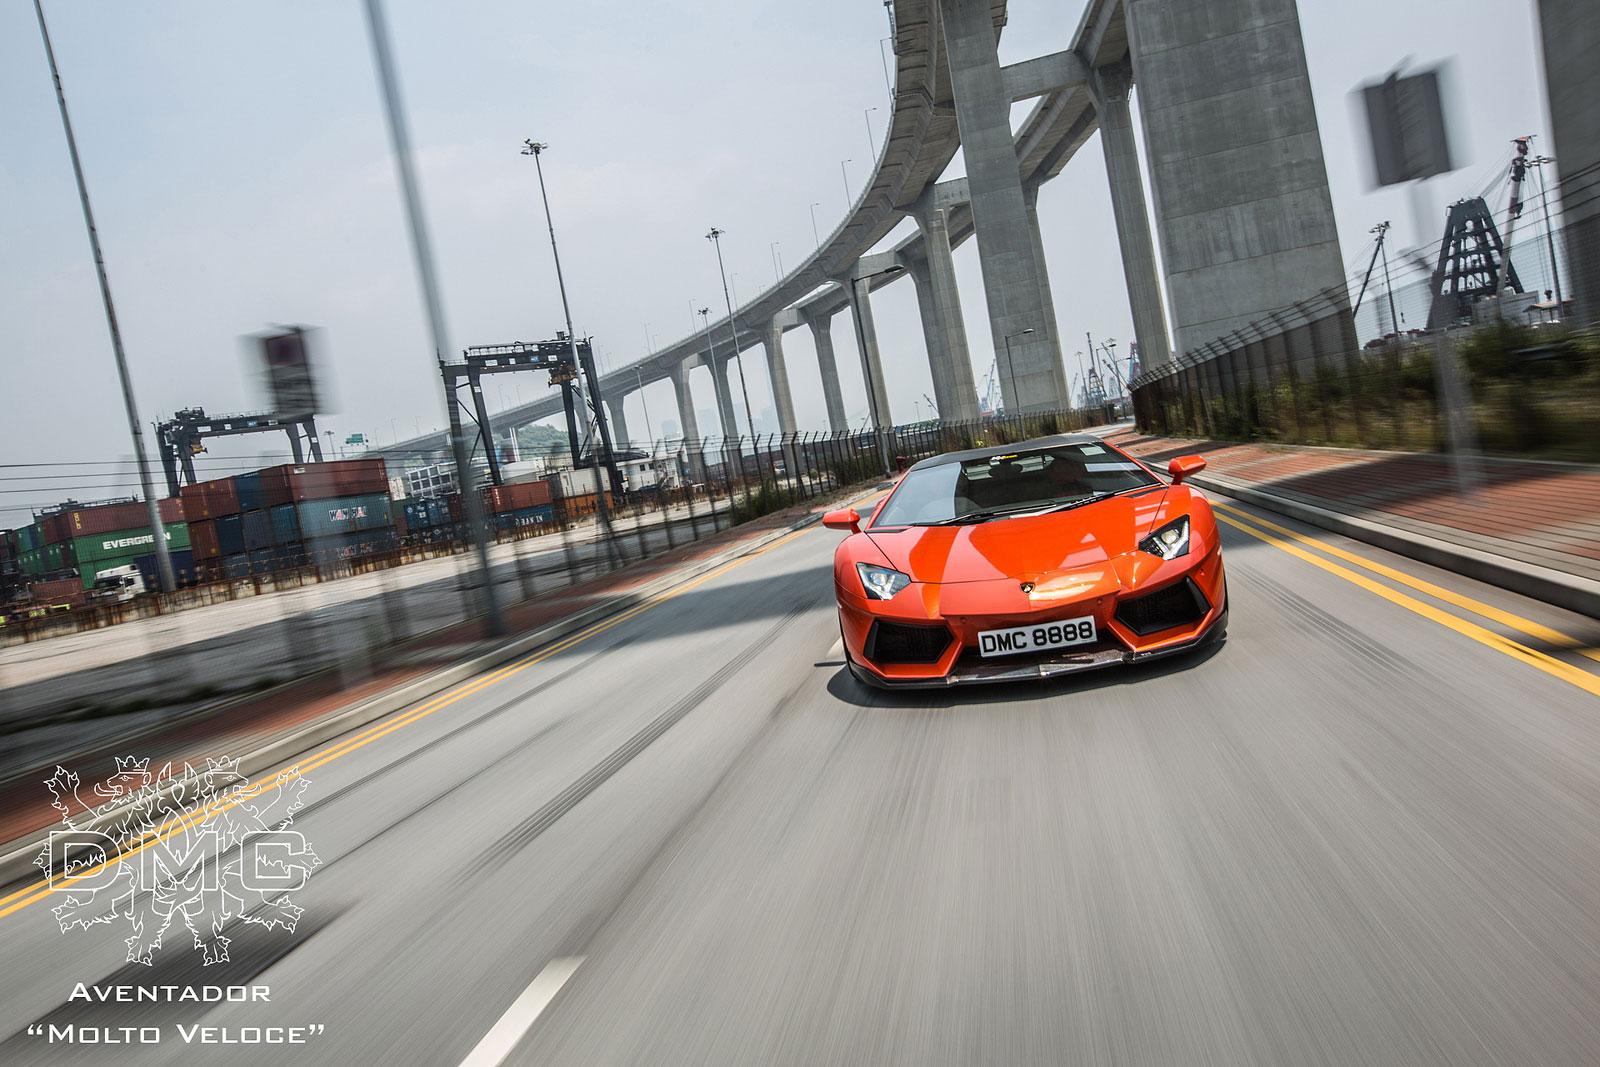 Lamborghini Aventador s výkonem 900 koní od DMC 8